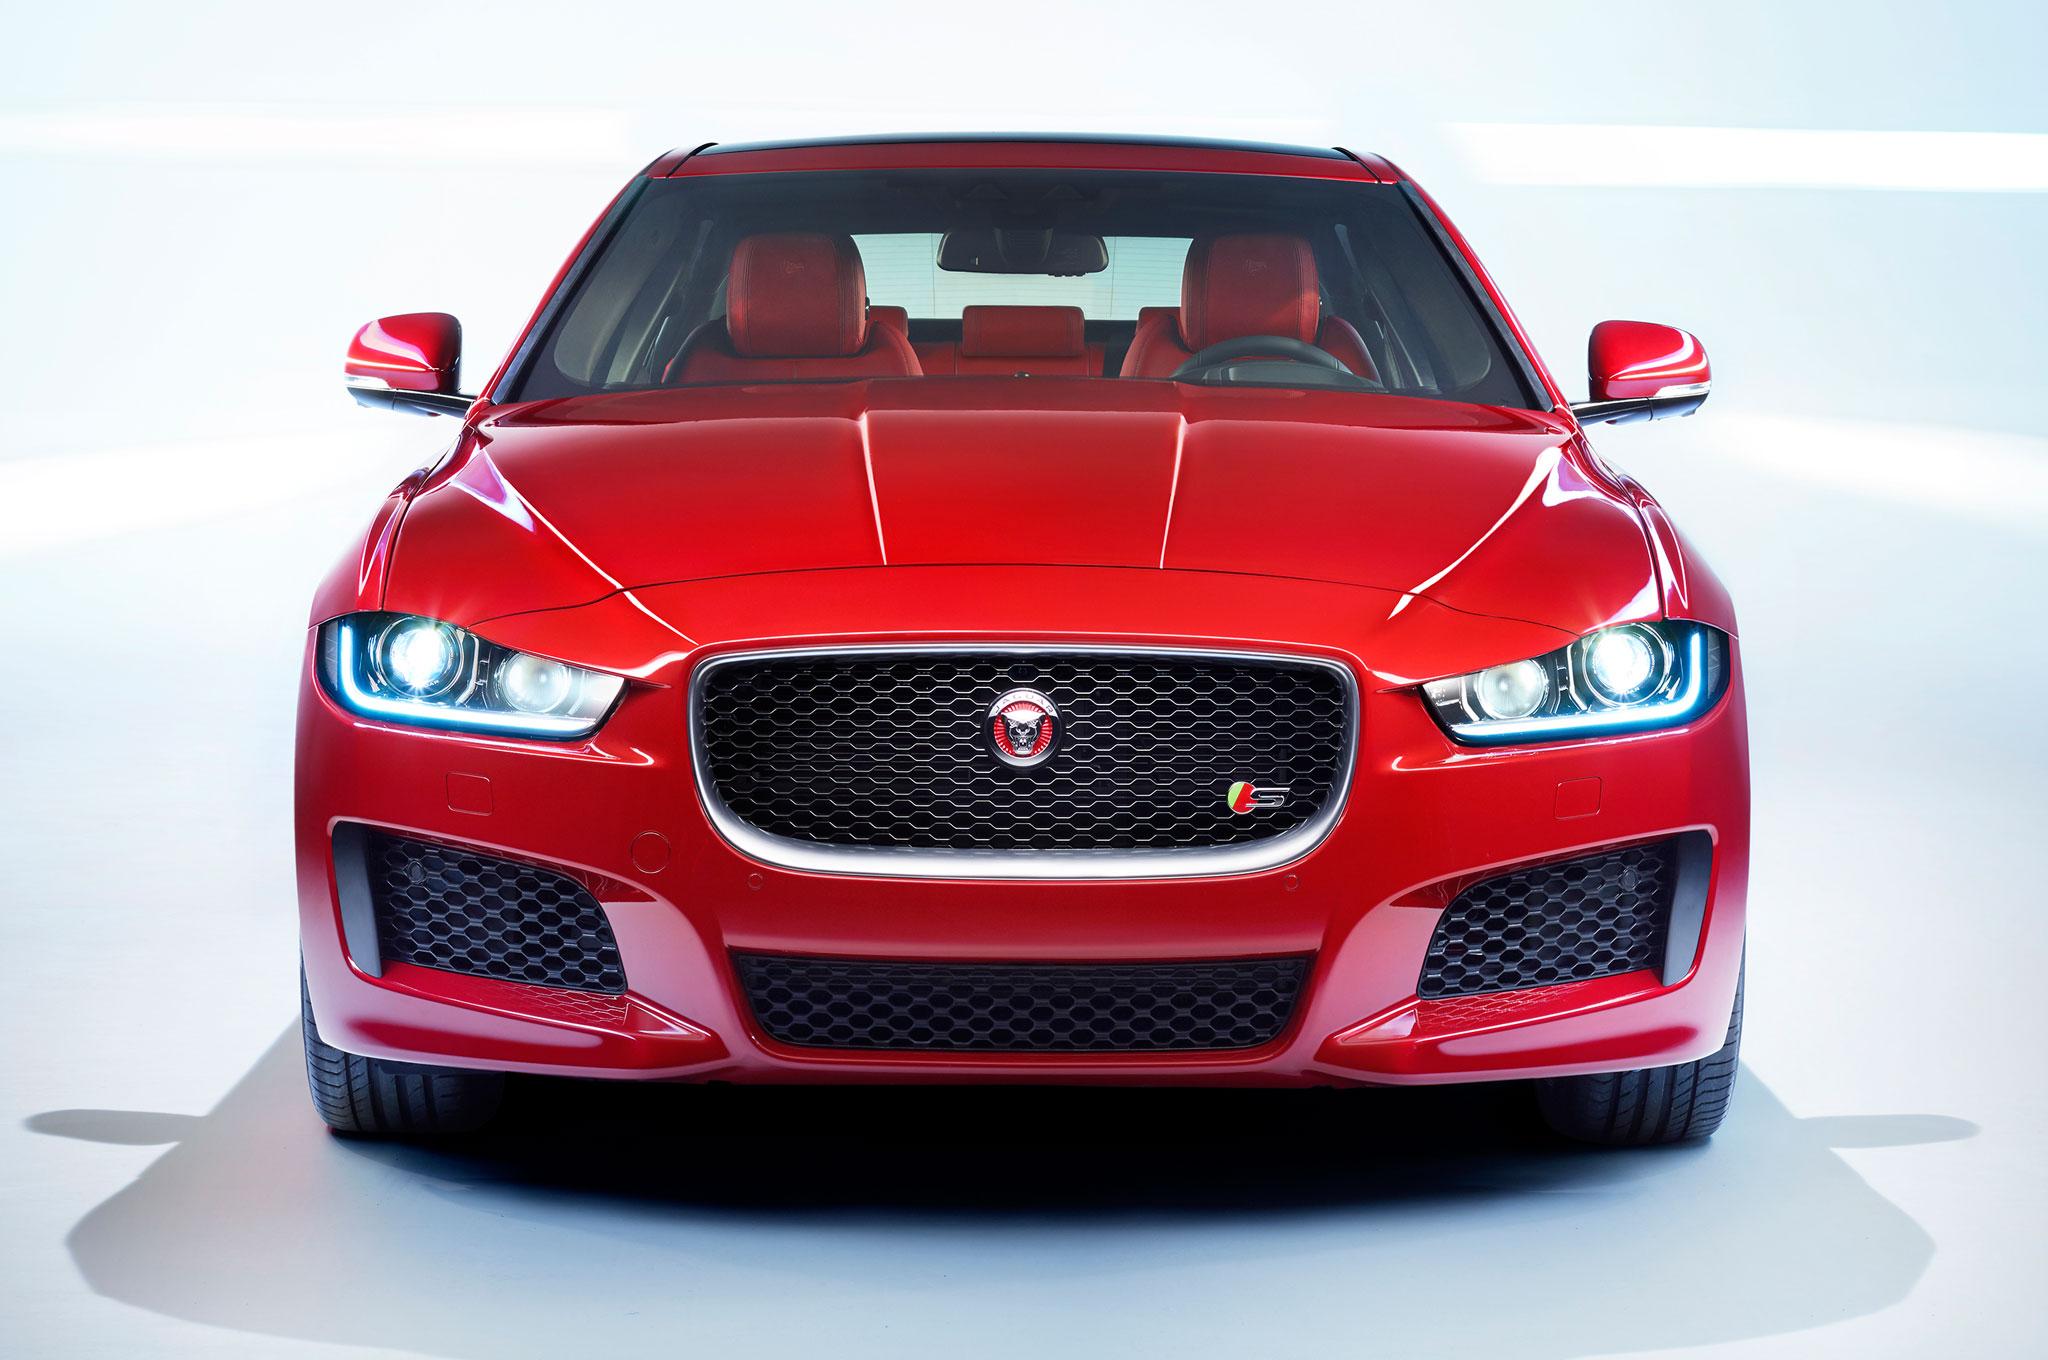 2016 Jaguar XE Facelift Front Photo